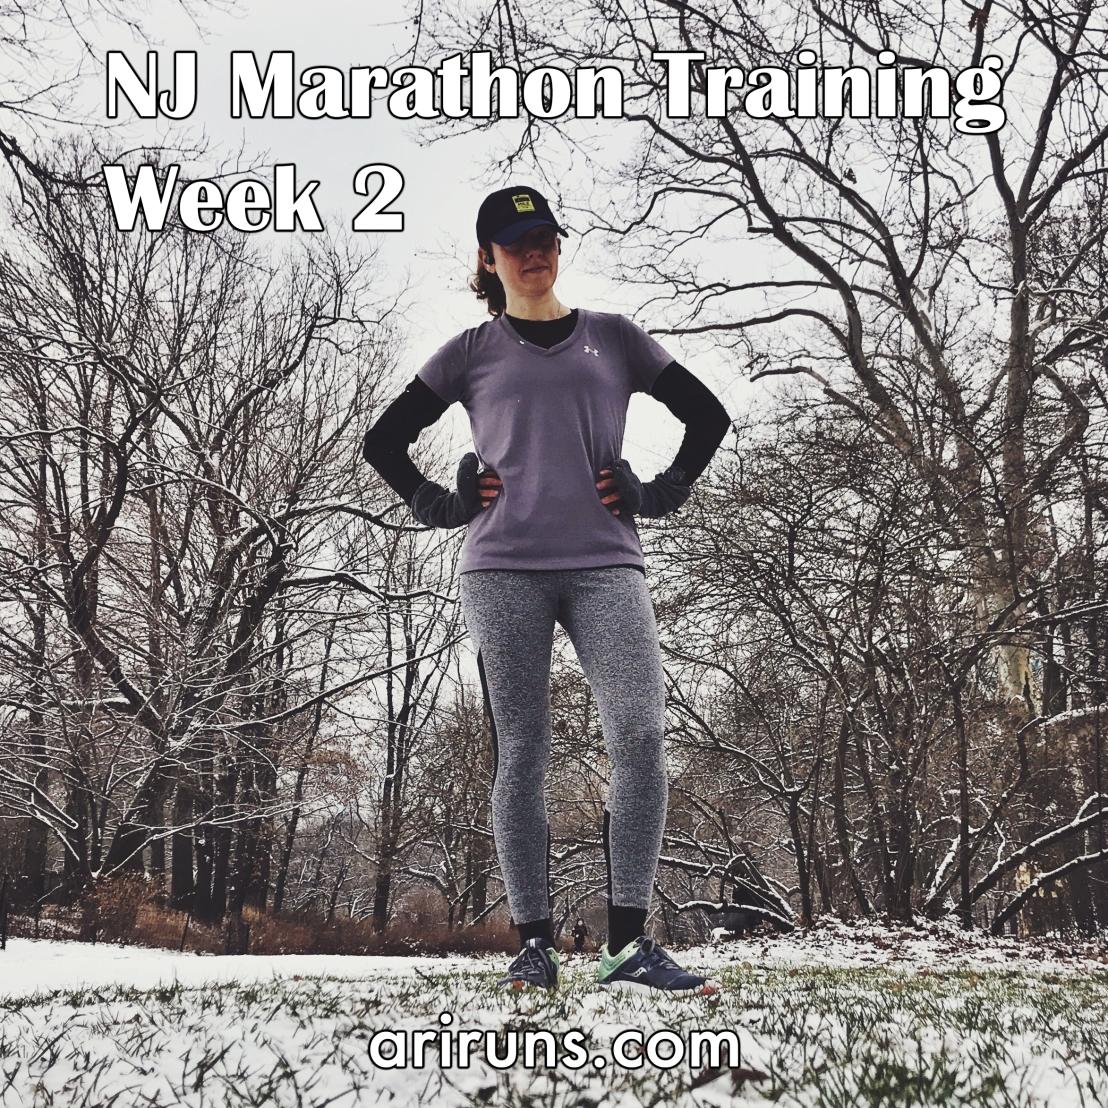 img_1792_nj marathon training week 2